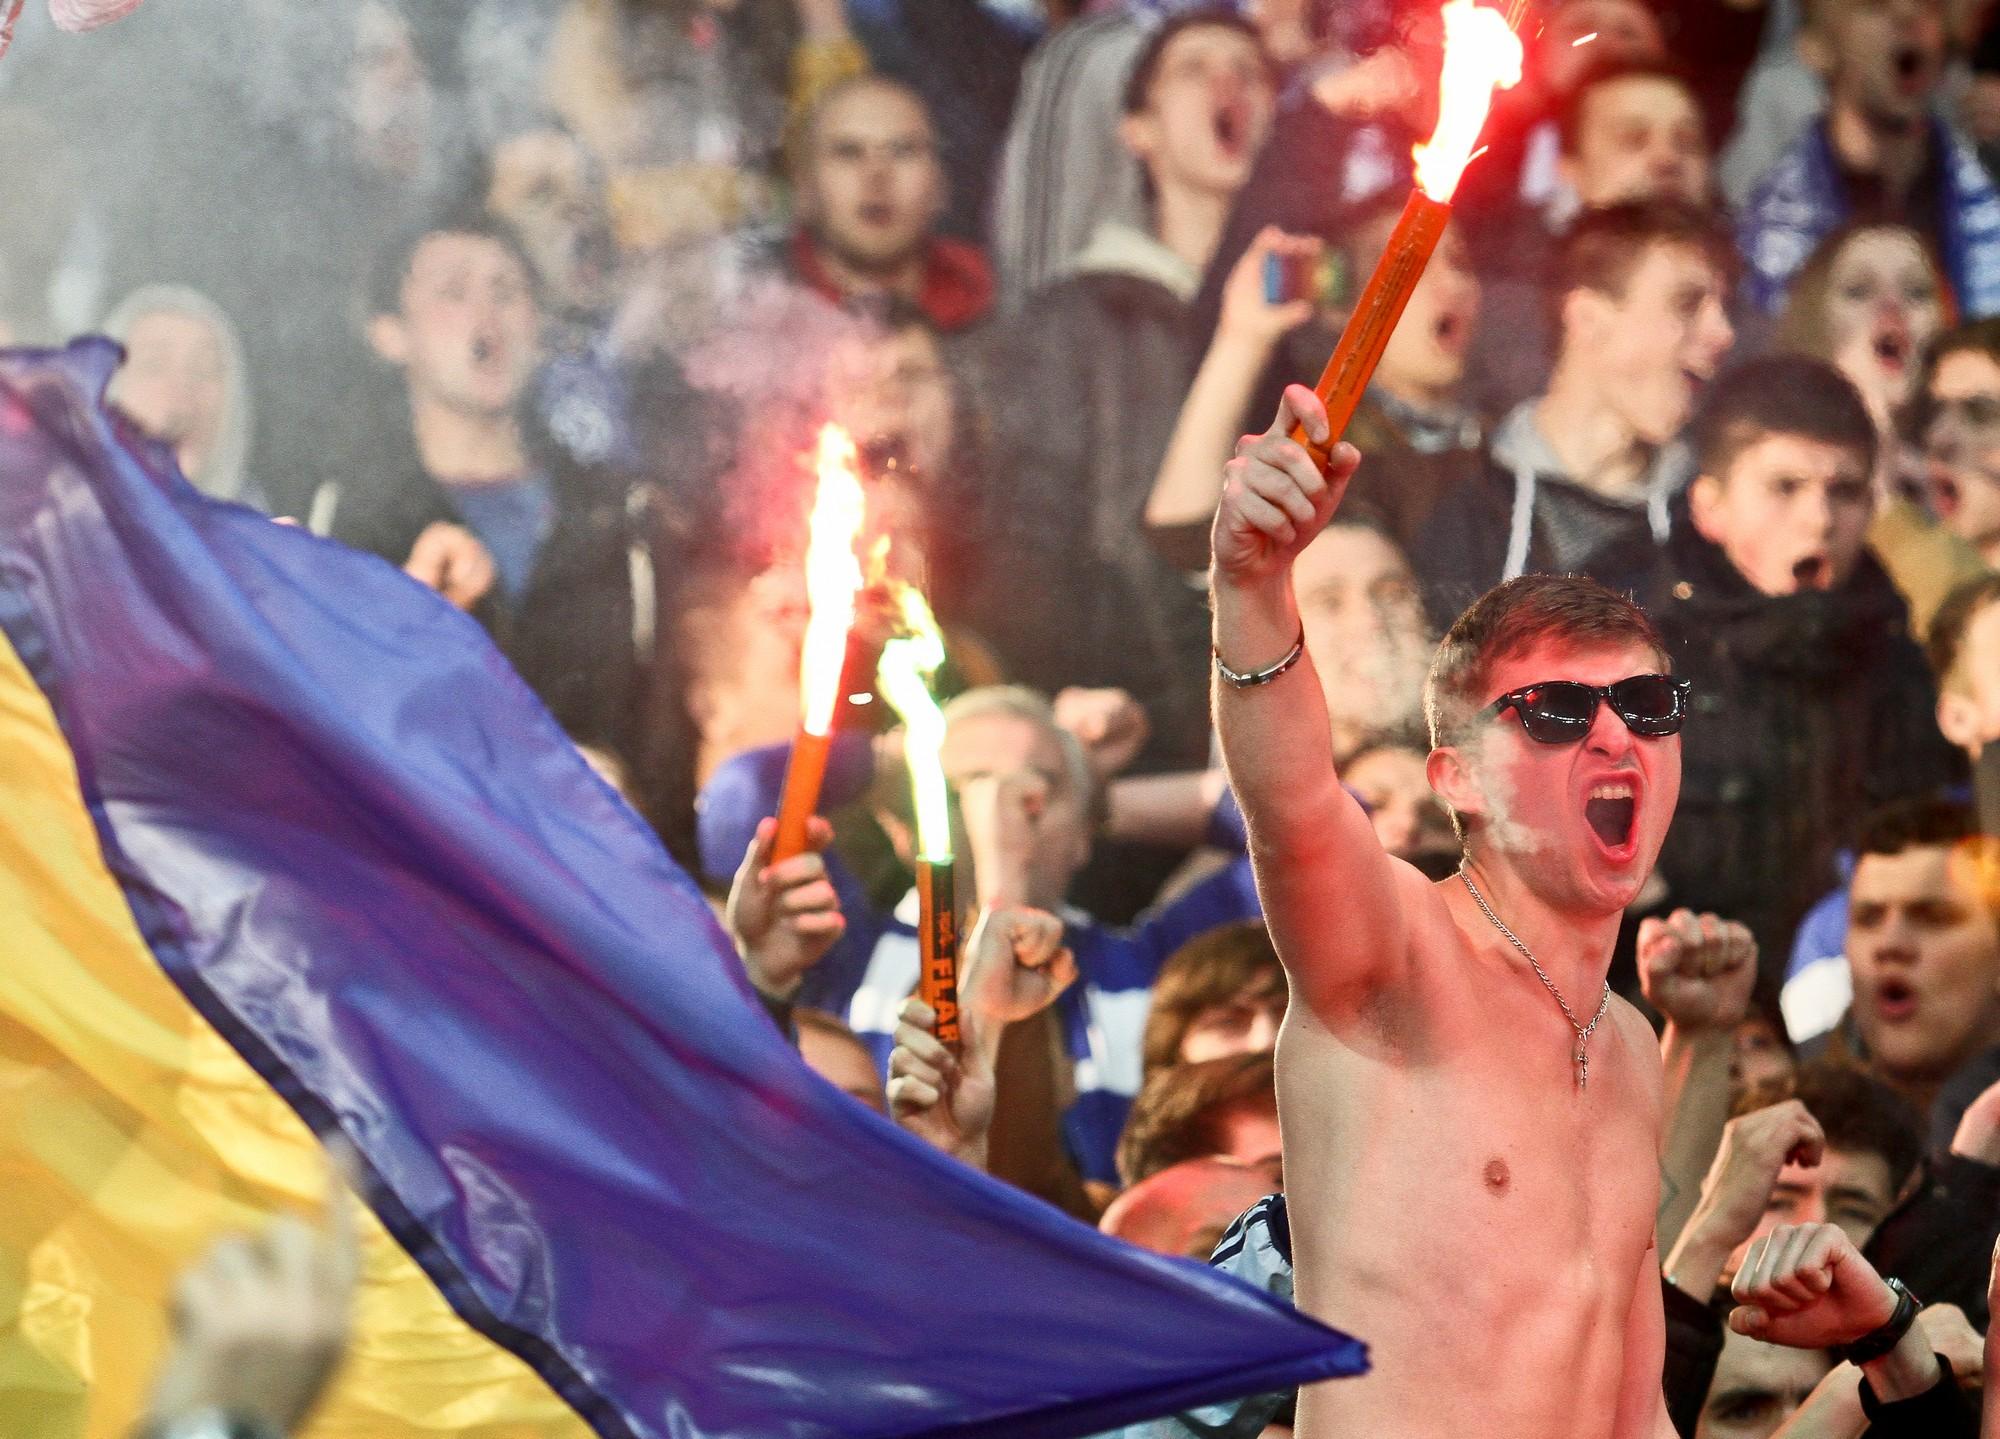 Украинские ультрас устроили расистскую акцию перед инспектором УЕФА